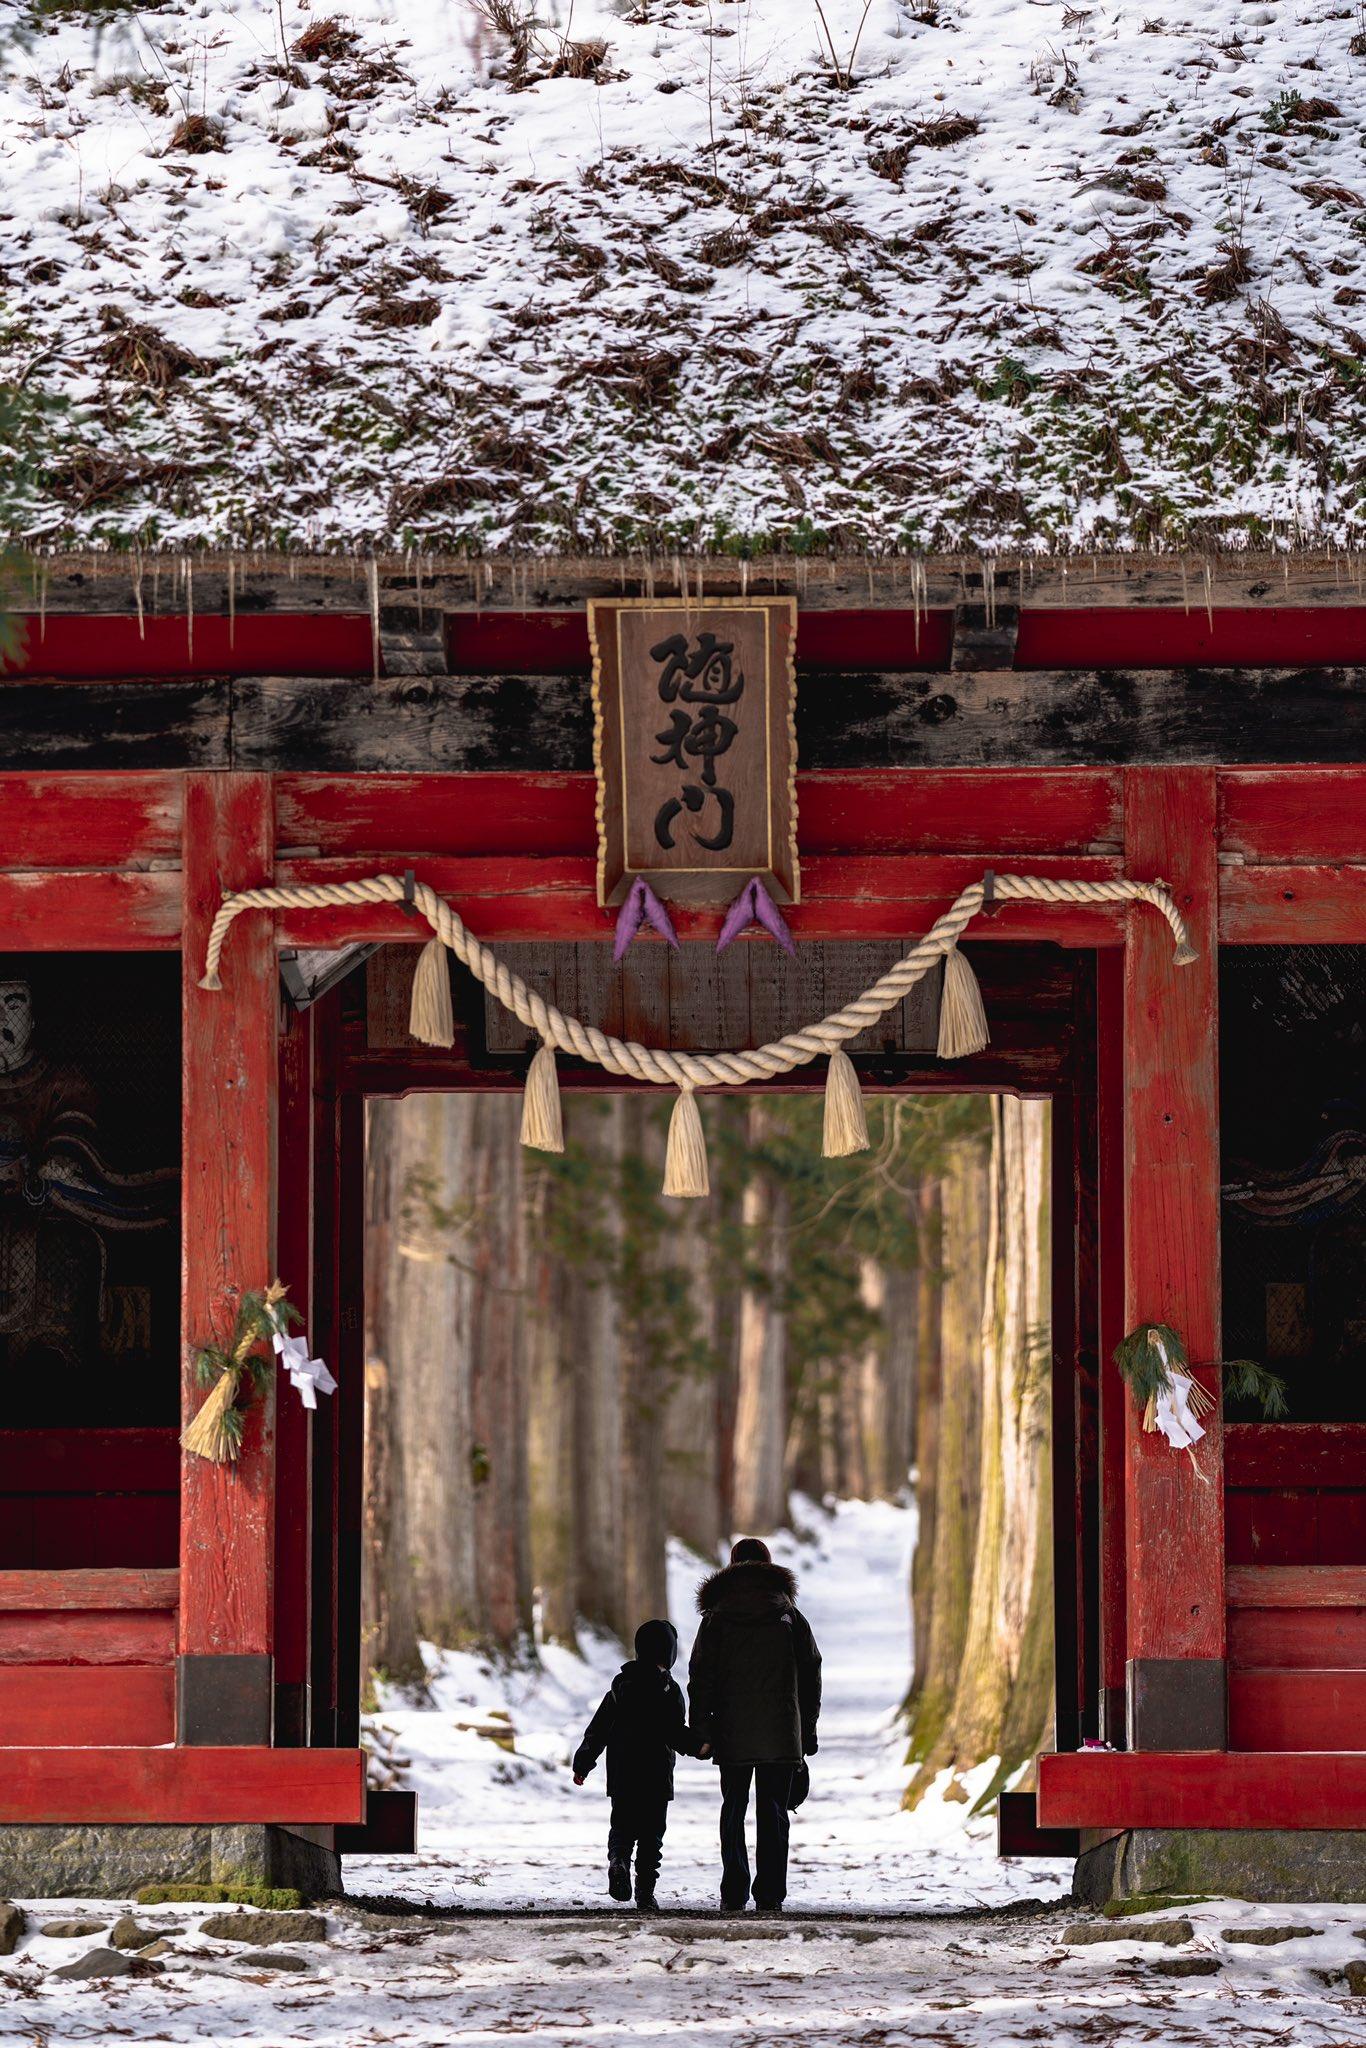 長野県「戸隠神社」の赤い門をくぐった先が異空間すぎて震えた!!!